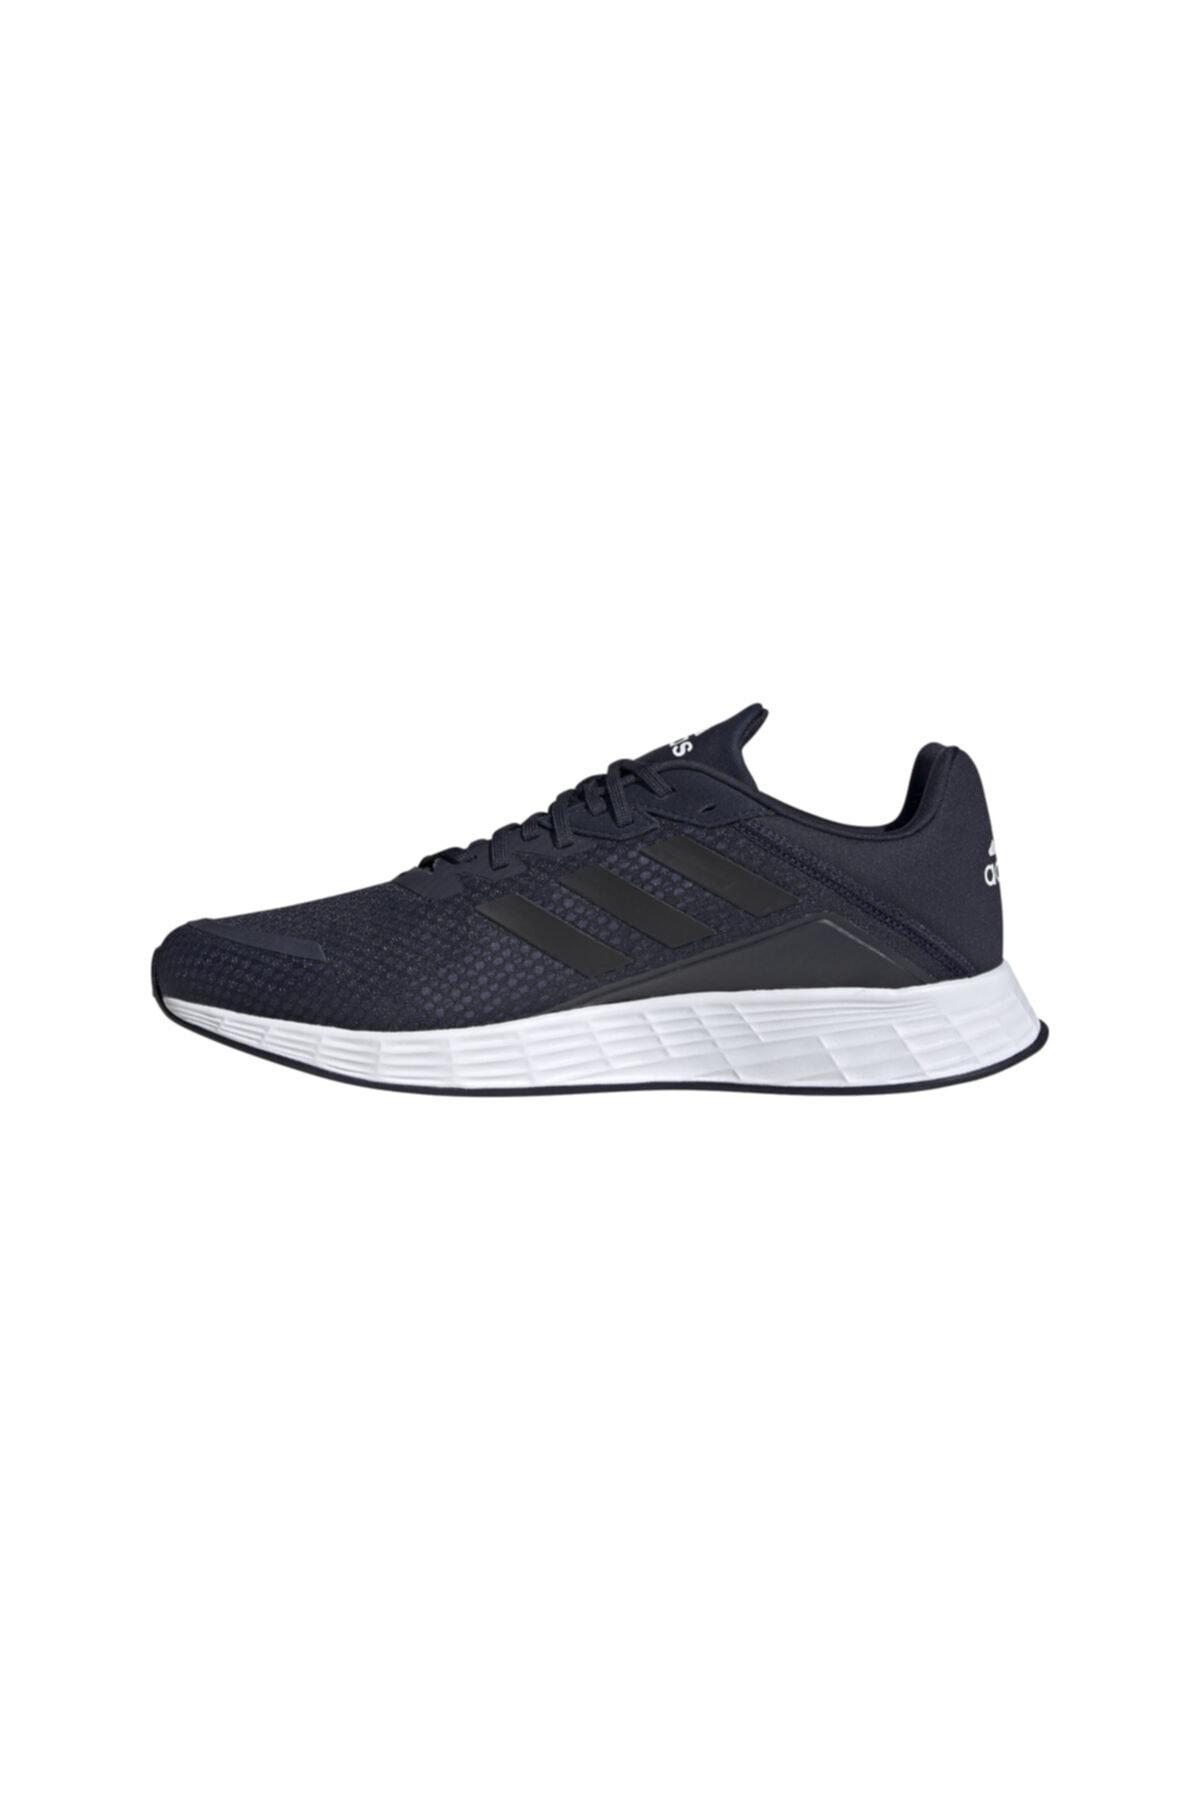 adidas Duramo Sl Erkek Mavi Koşu Ayakkabısı Fv8787 2